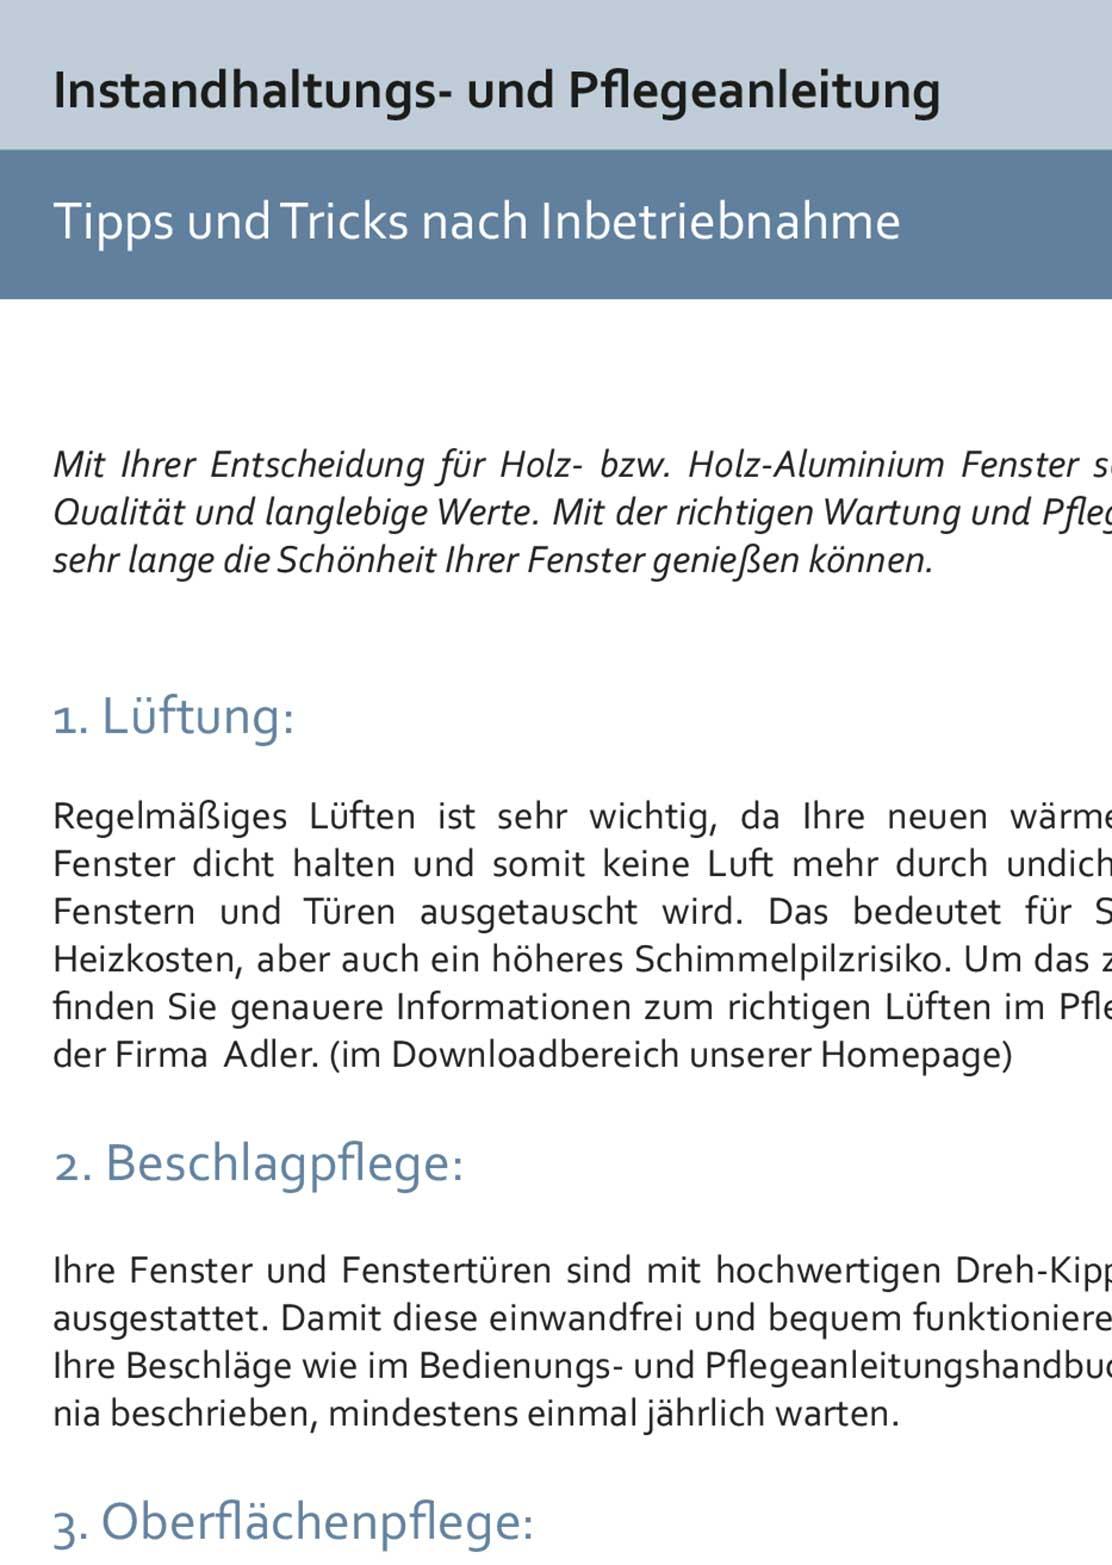 Instandhaltung-und-Pflegeanleitung-Bröcking-Flyer-1